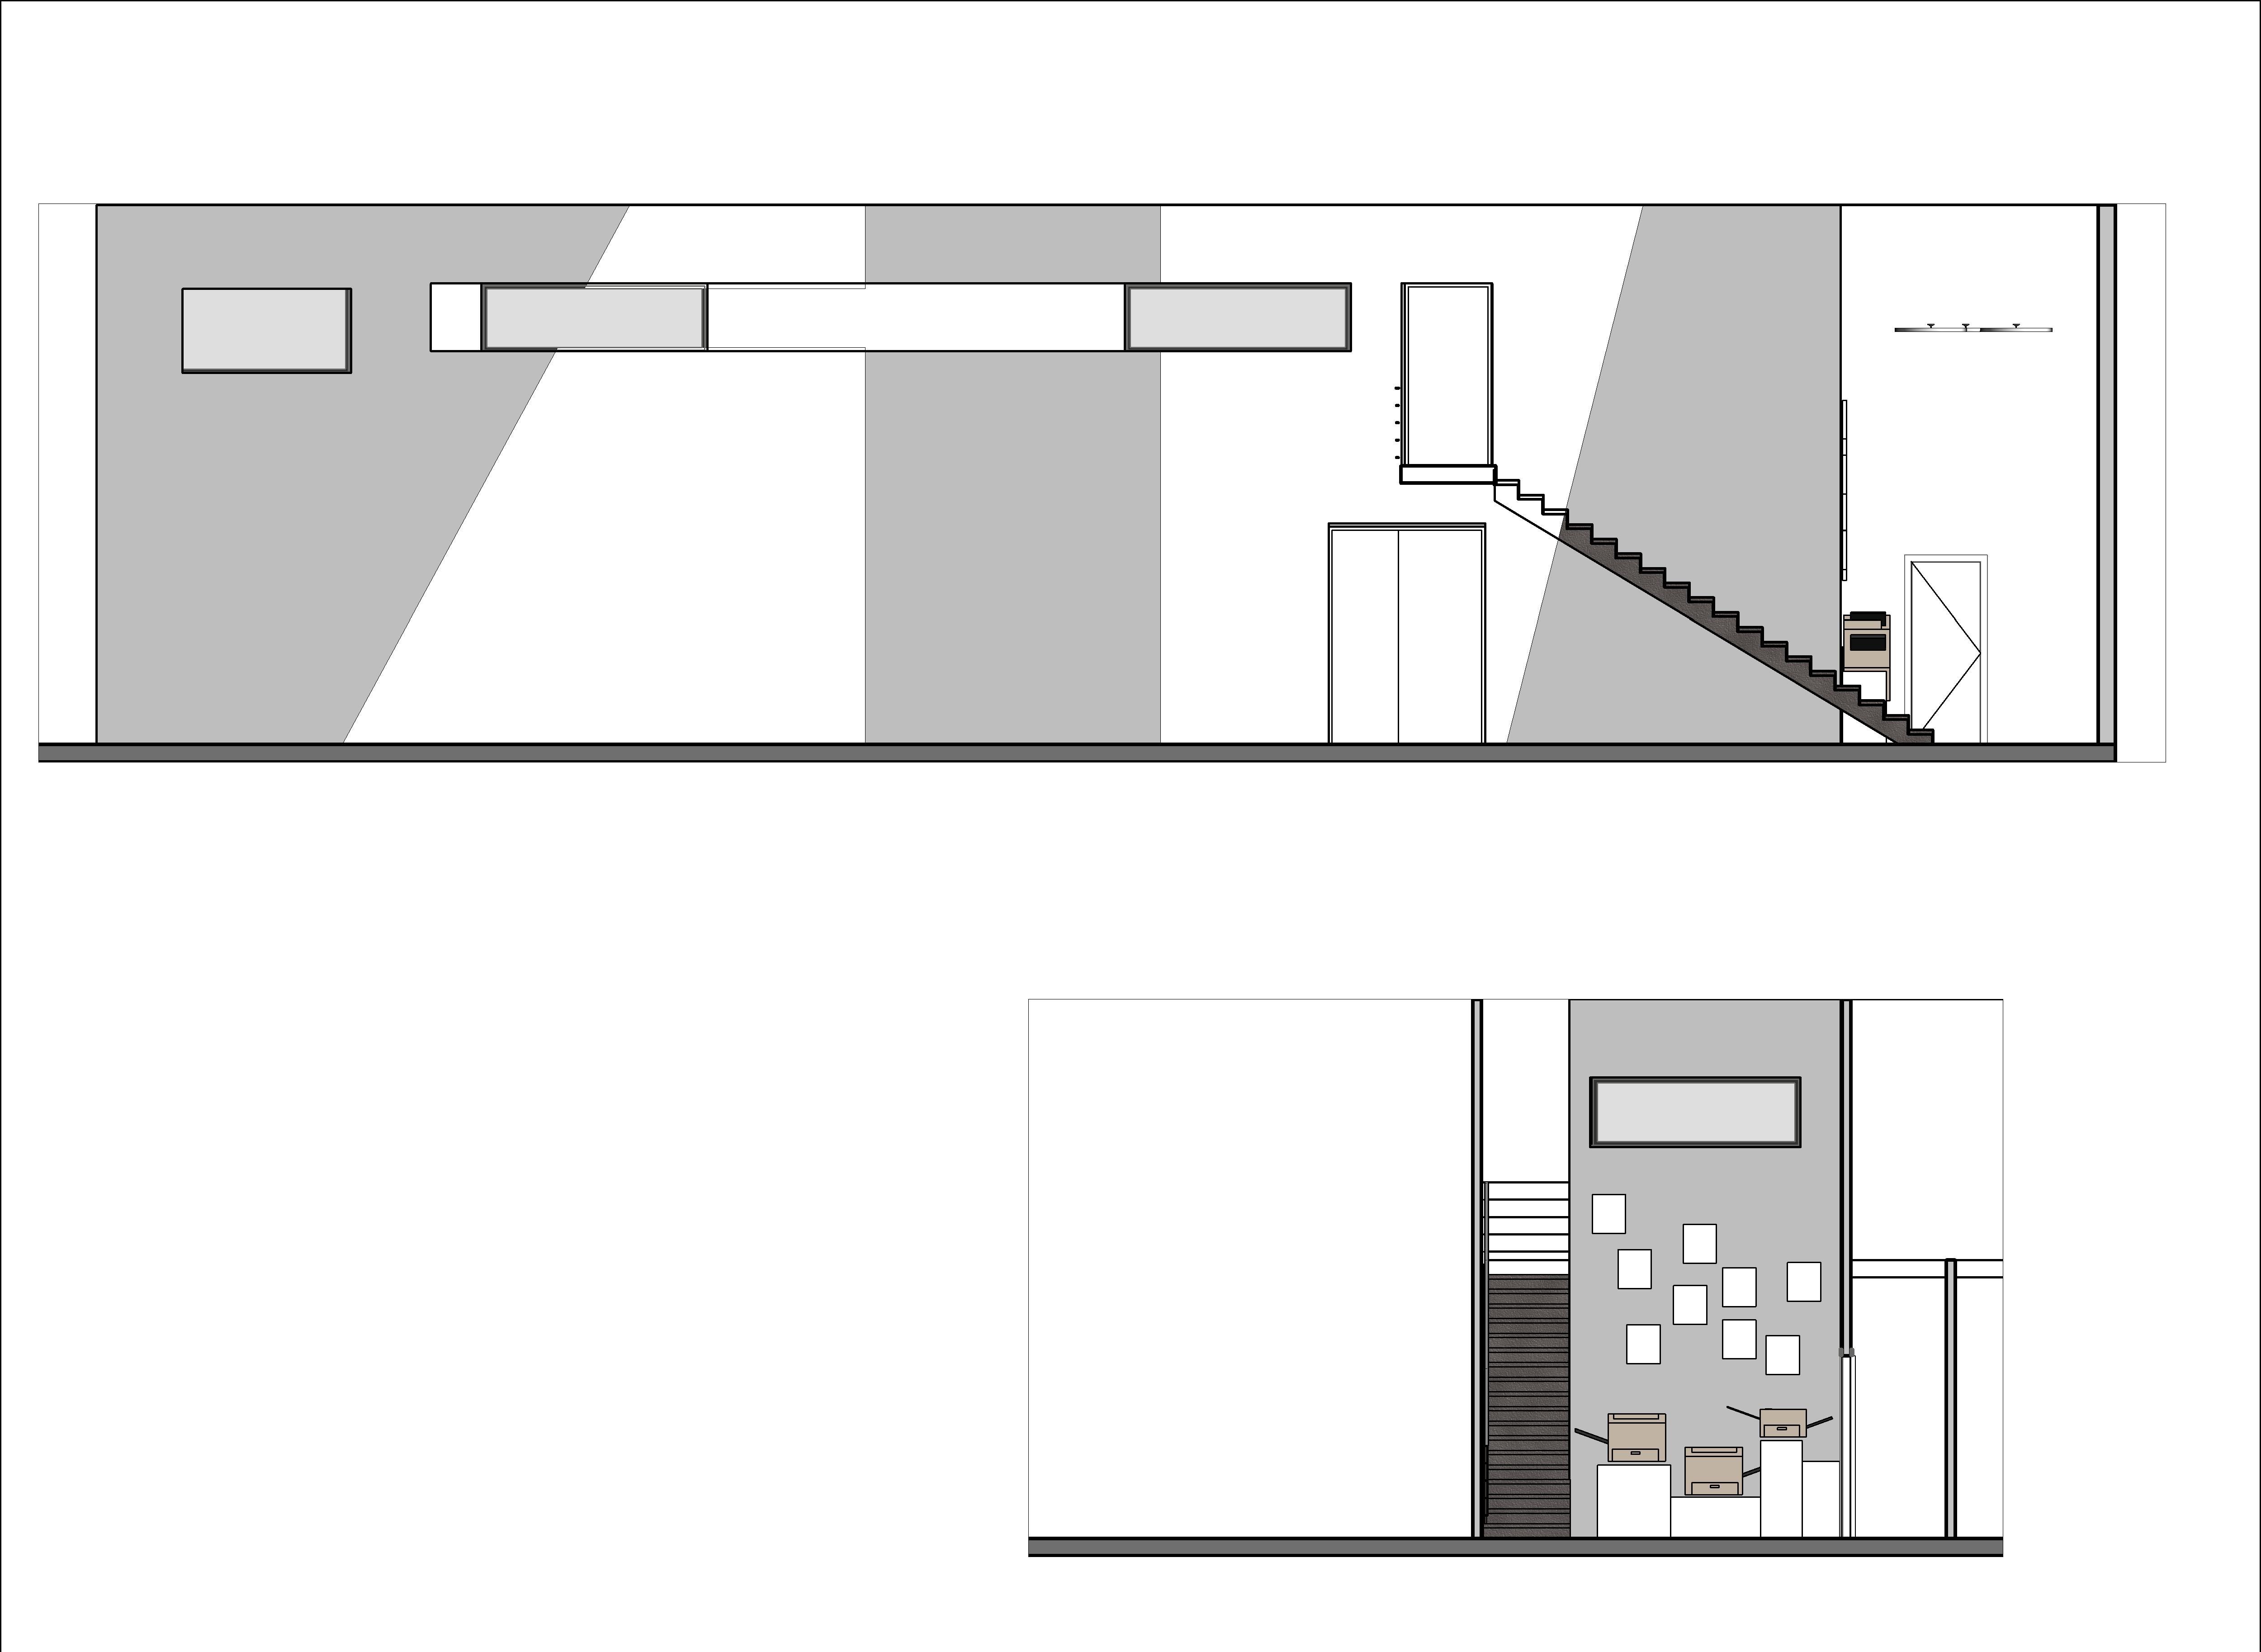 משרד נסלס חזיתות מדרגות